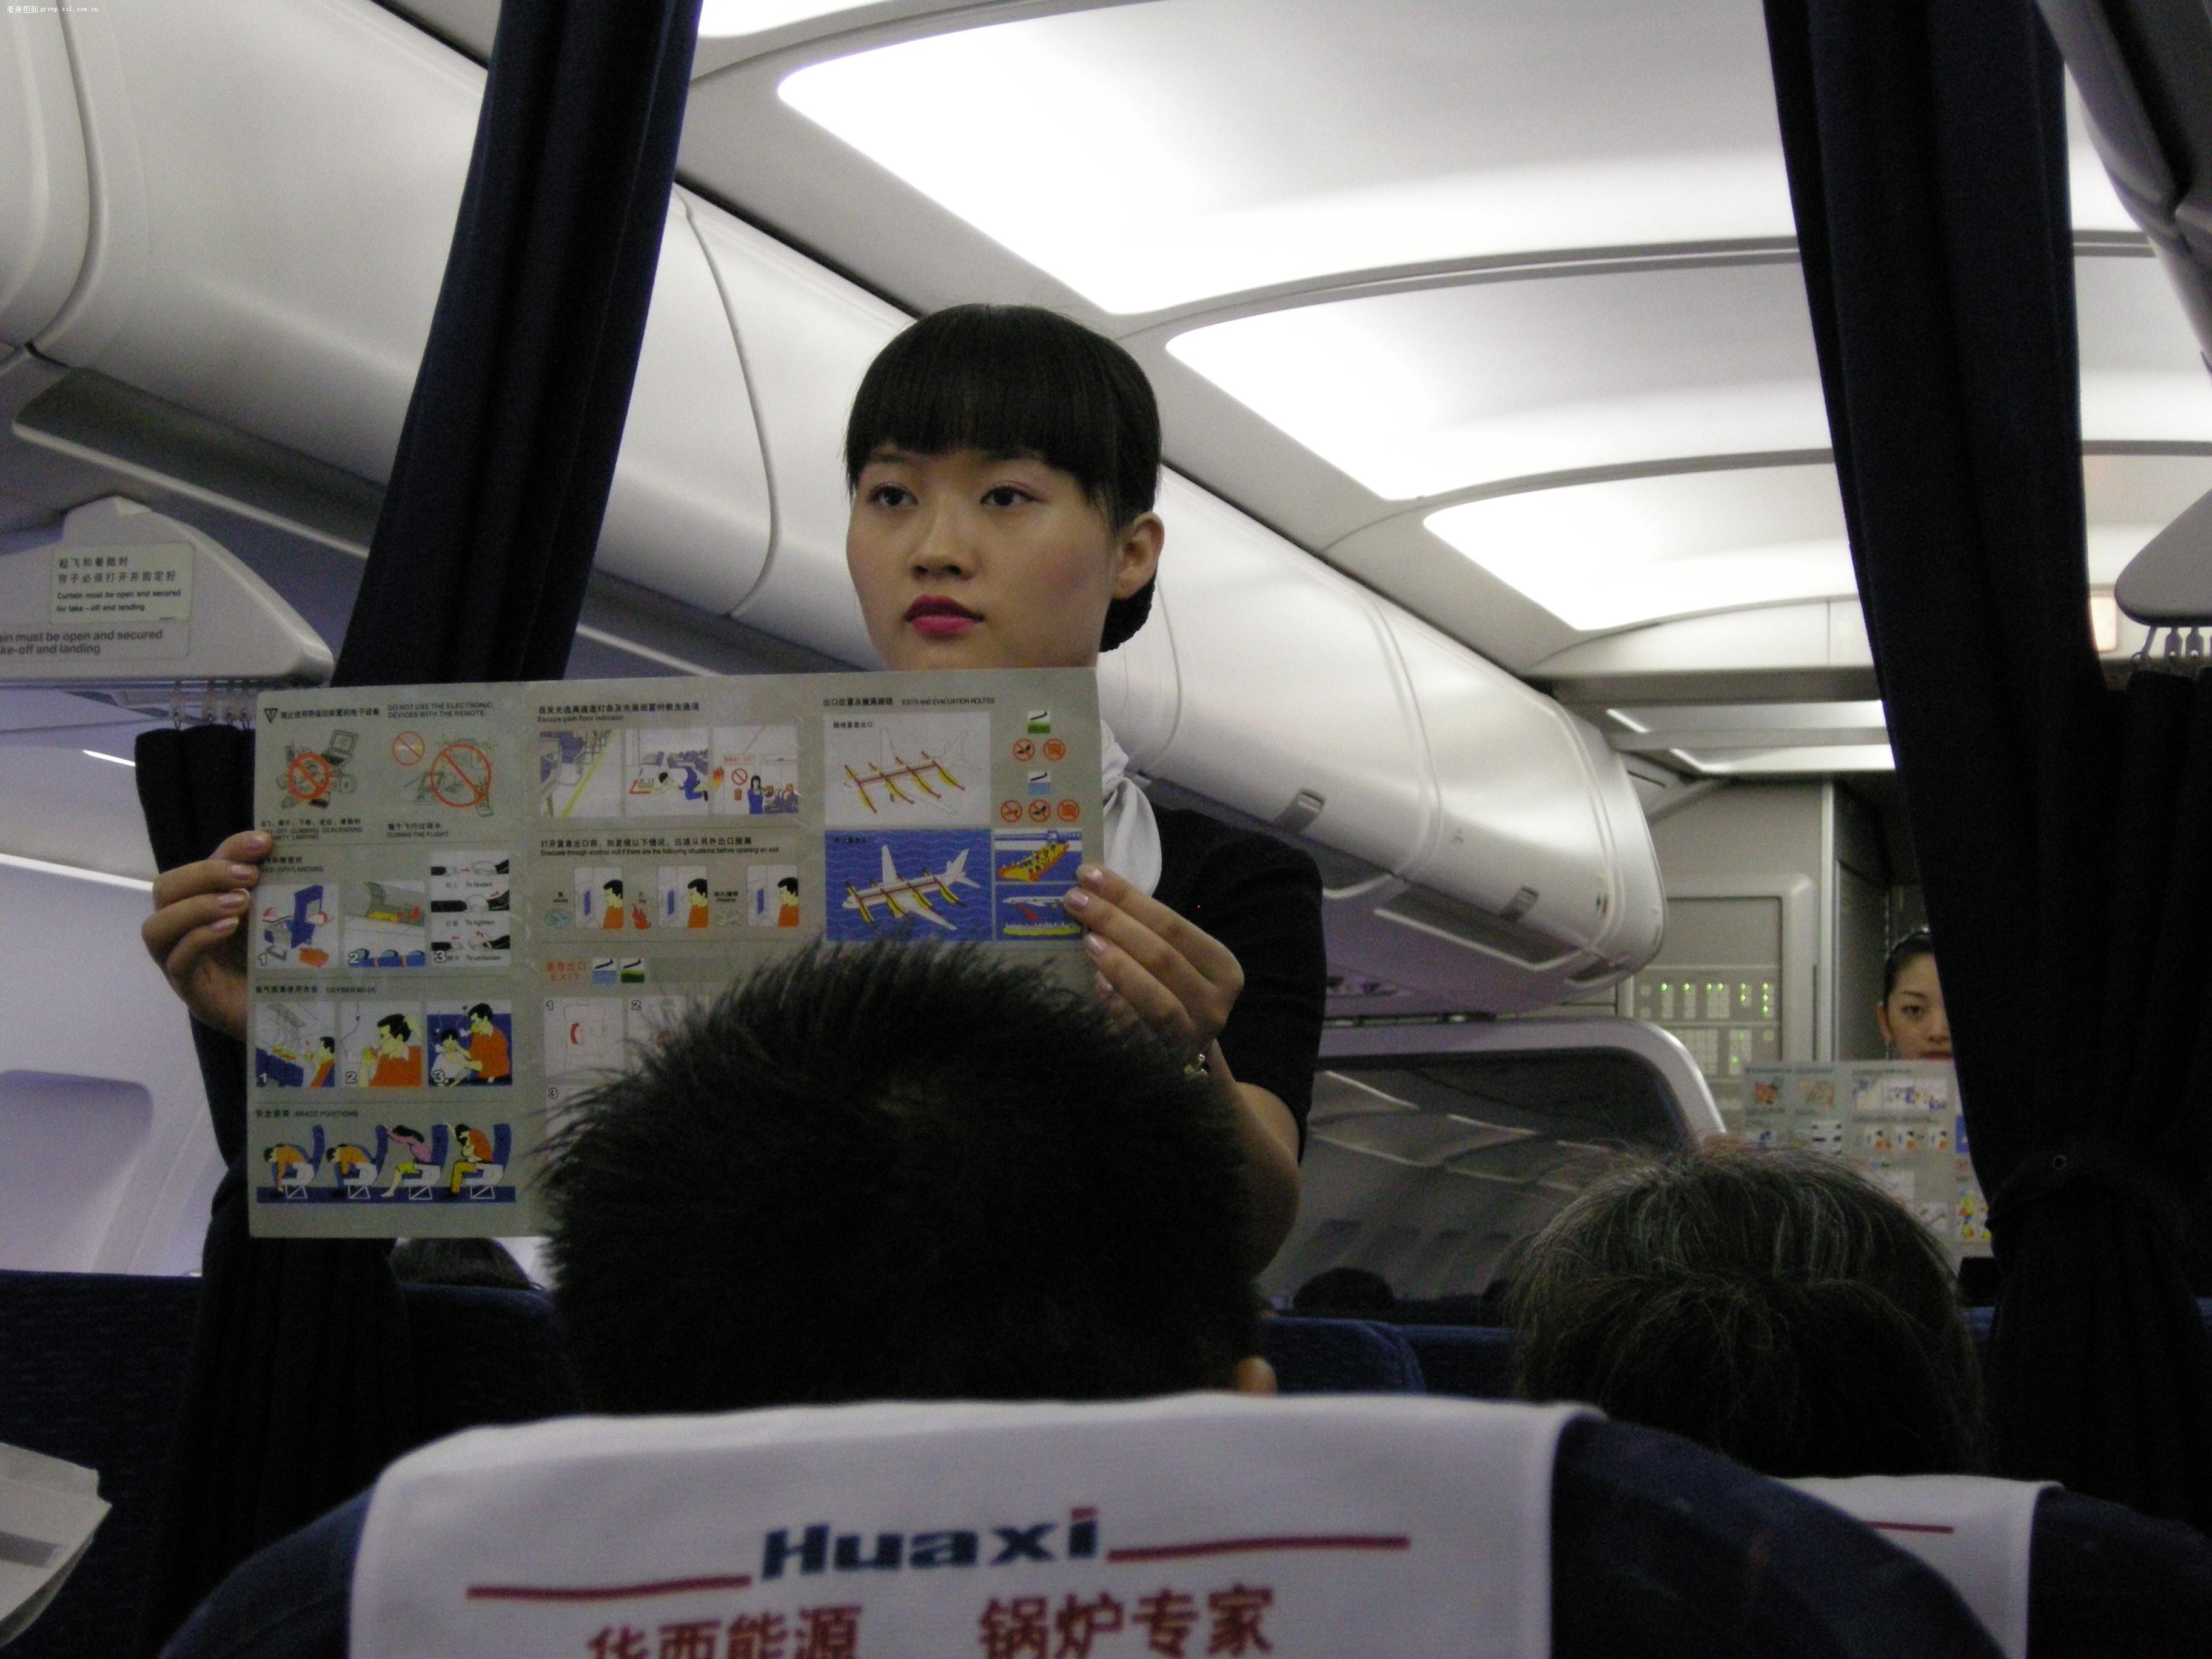 【再来点飞机上的片片